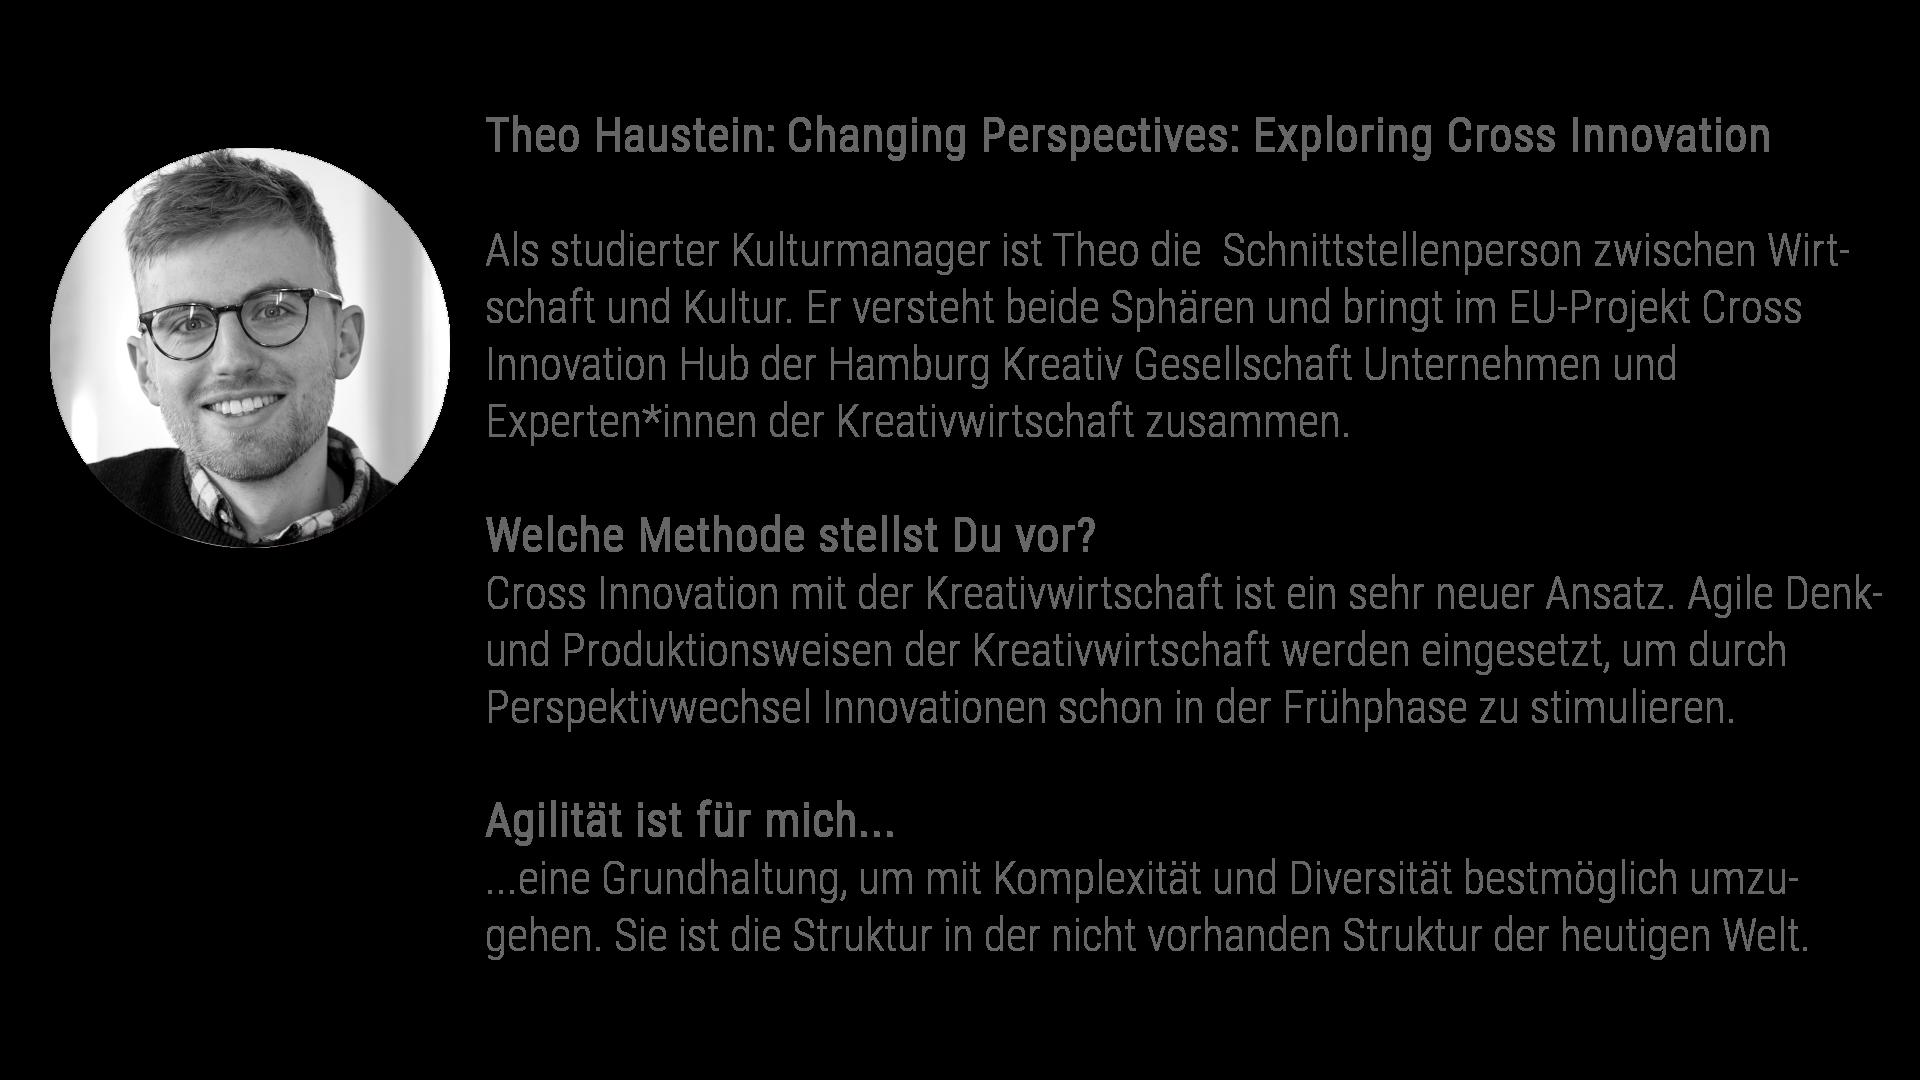 Theo Haustein: Changing Perspectives: Exploring Cross Innovation Als studierter Kulturmanager ist Theo die Schnittstellenperson zwischen Wirt-schaft und Kultur. Er versteht beide Sphären und bringt im EU-Projekt Cross Innovation Hub der Hamburg Kreativ Gesellschaft Unternehmen und Experten*innen der Kreativwirtschaft zusammen. Welche Methode stellst Du vor? Cross Innovation mit der Kreativwirtschaft ist ein sehr neuer Ansatz. Agile Denk- und Produktionsweisen der Kreativwirtschaft werden eingesetzt, um durch Perspektivwechsel Innovationen schon in der Frühphase zu stimulieren. Agilität ist für mich... ...eine Grundhaltung, um mit Komplexität und Diversität bestmöglich umzu-gehen. Sie ist die Struktur in der nicht vorhanden Struktur der heutigen Welt.